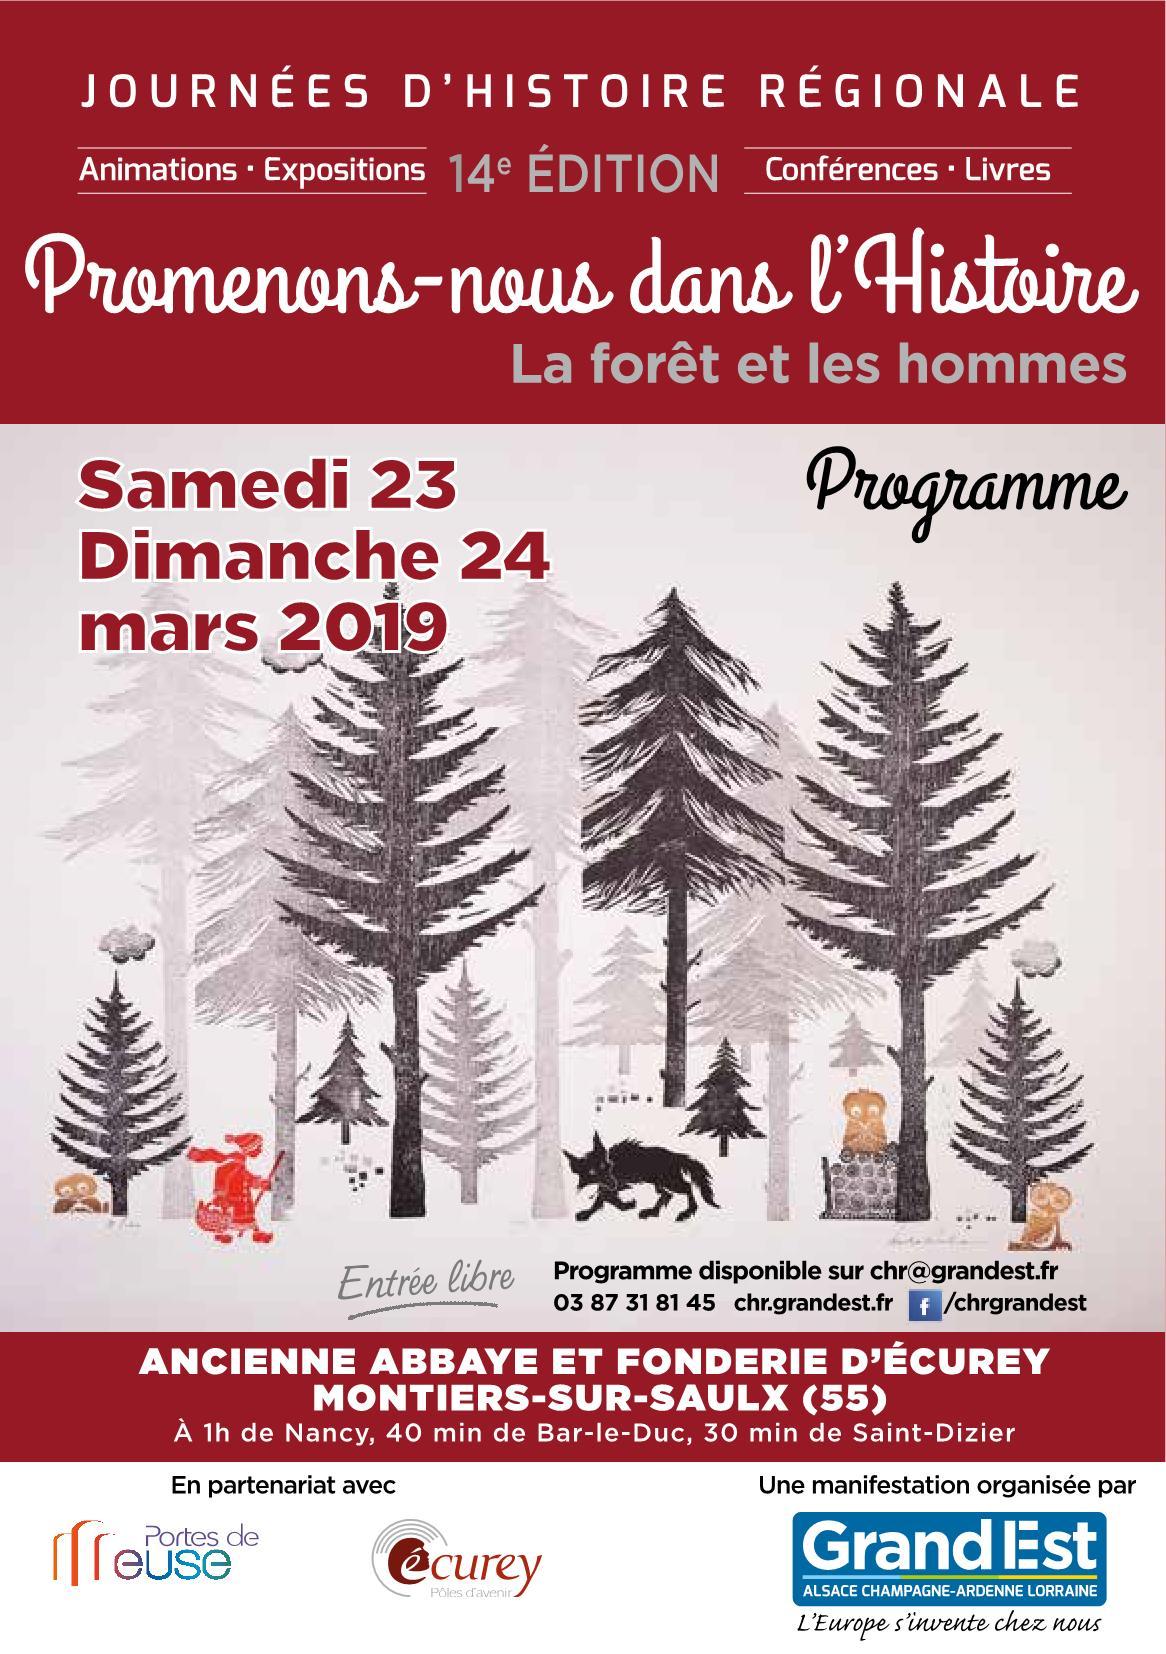 Journées d'Histoire Régionale Programme 2019